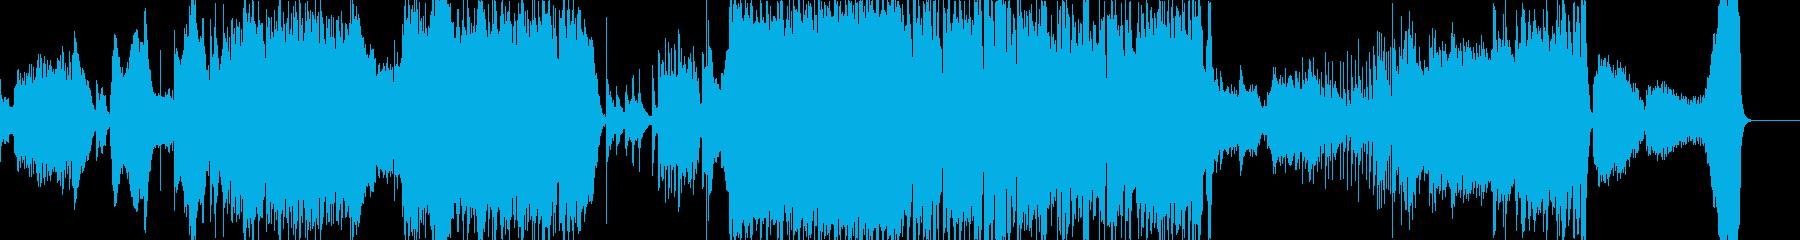 オーケストラと和楽器 尺八 武士道の再生済みの波形